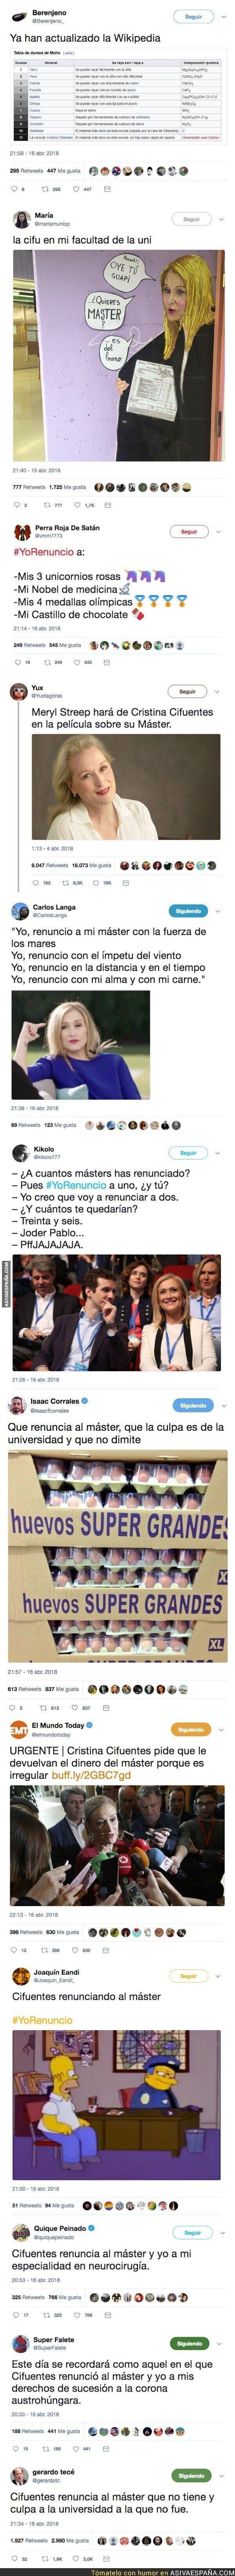 85630 - Cristina Cifuentes renuncia a su 'máster' y Twitter se llena de mofas contra ella